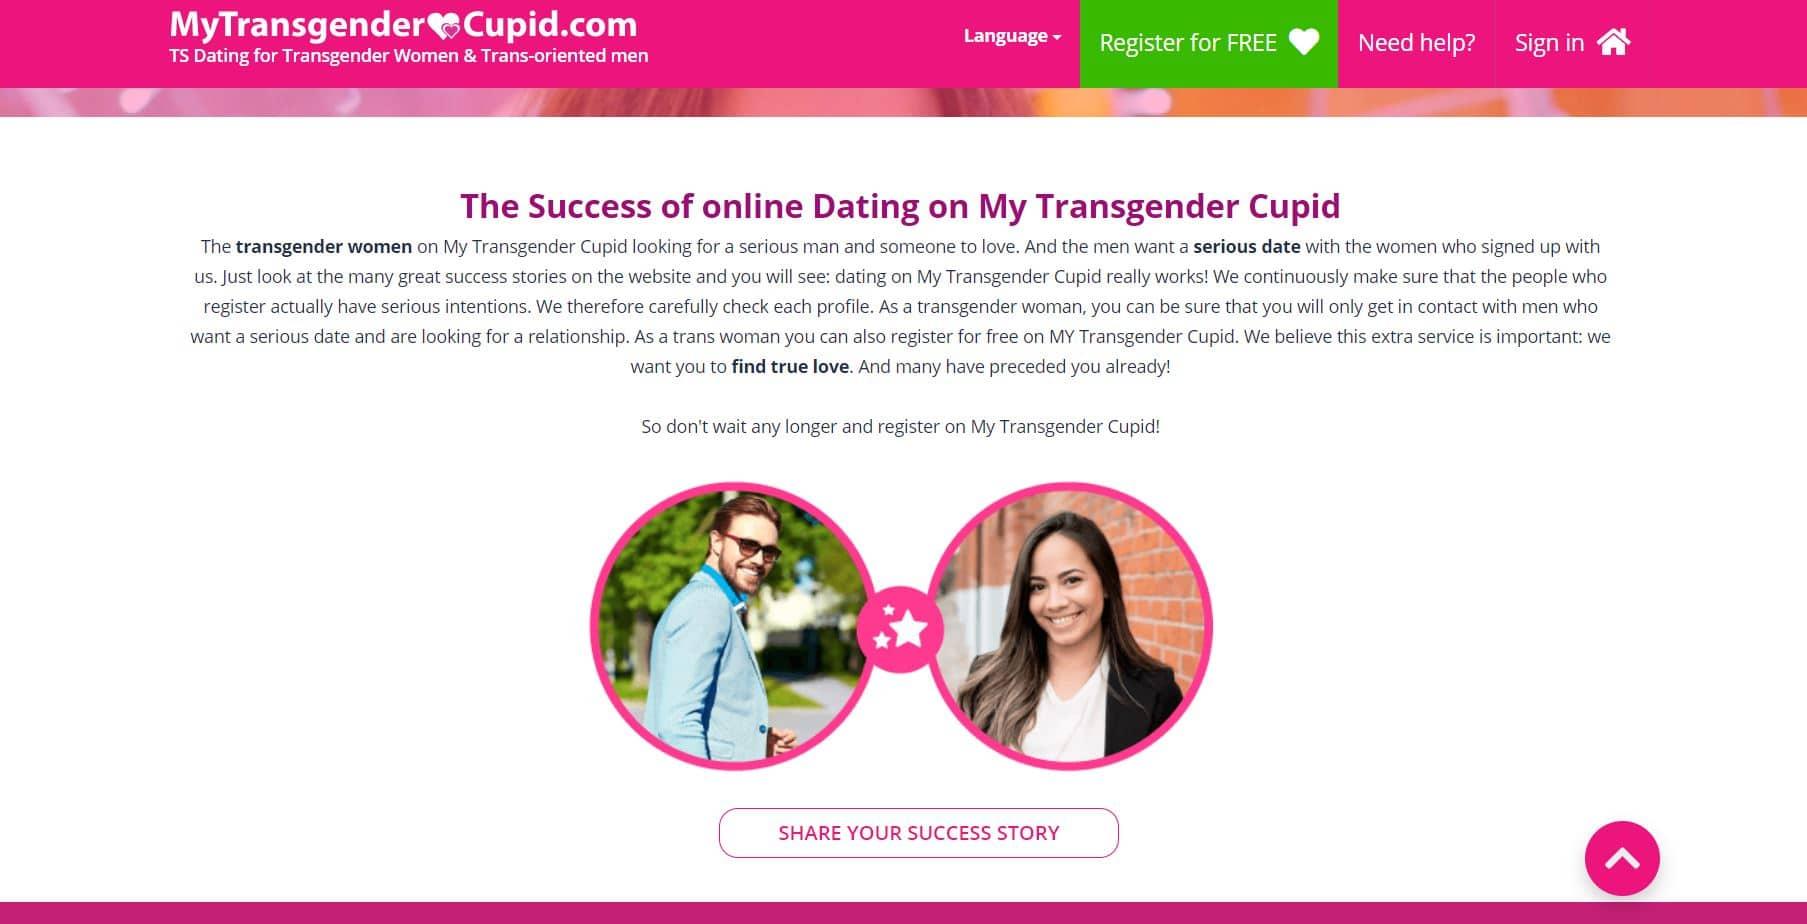 MyTransgenderCupid story